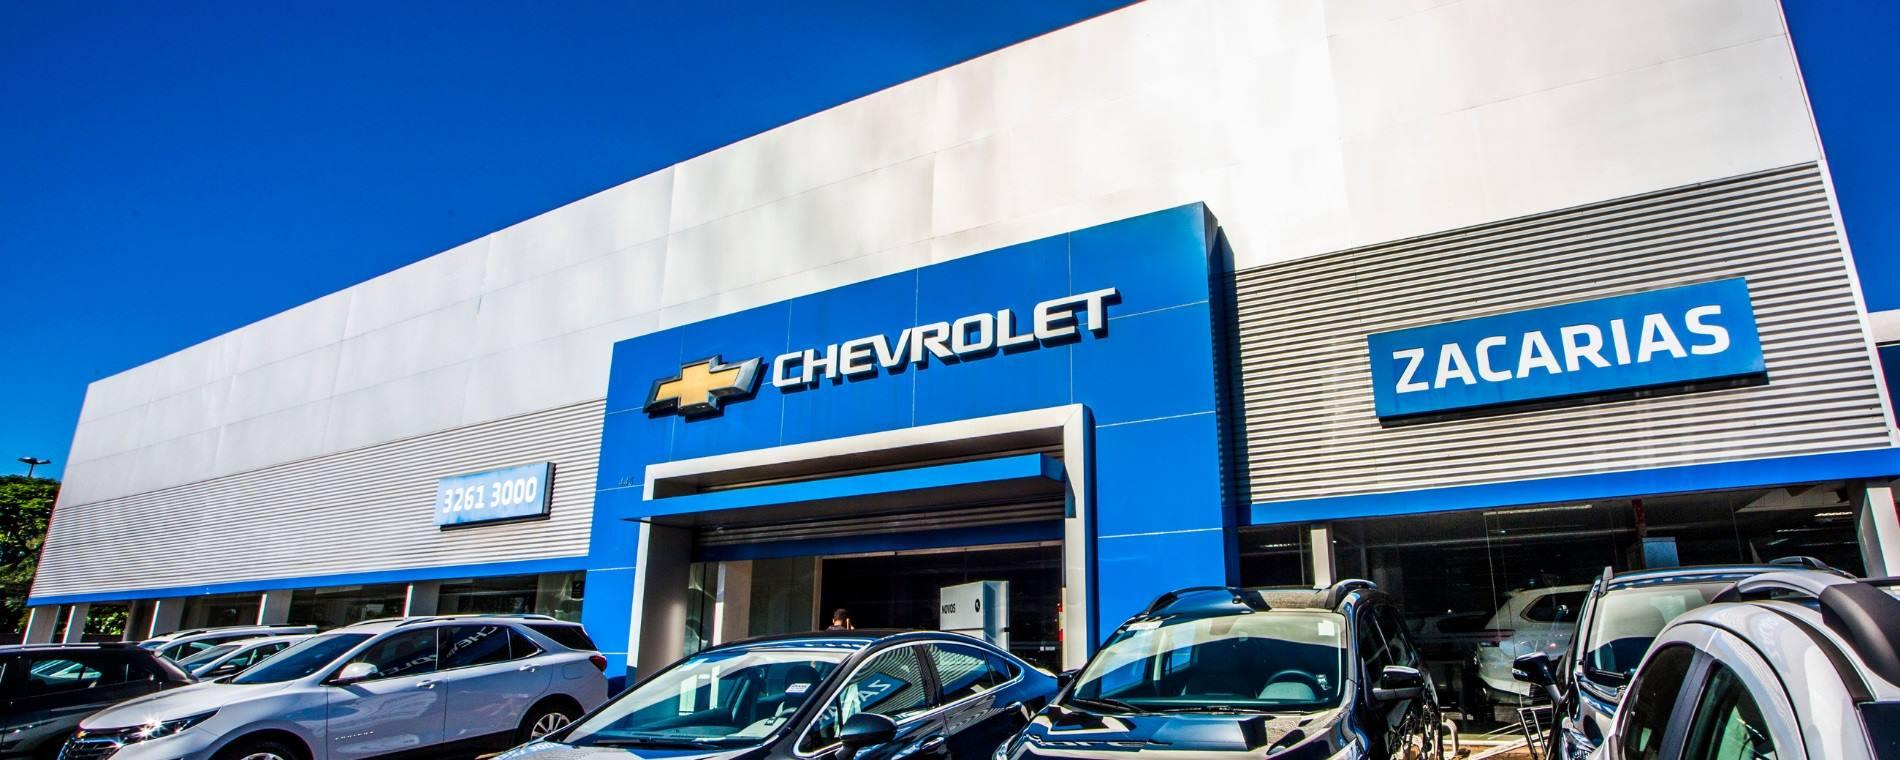 Venda e ofertas de carros novos e seminovos na concessionária Chevrolet Zacarias de Cascavel. Peças genuínas GM, acessórios automotivos originais e serviços de manutenção e revisão de veículos.